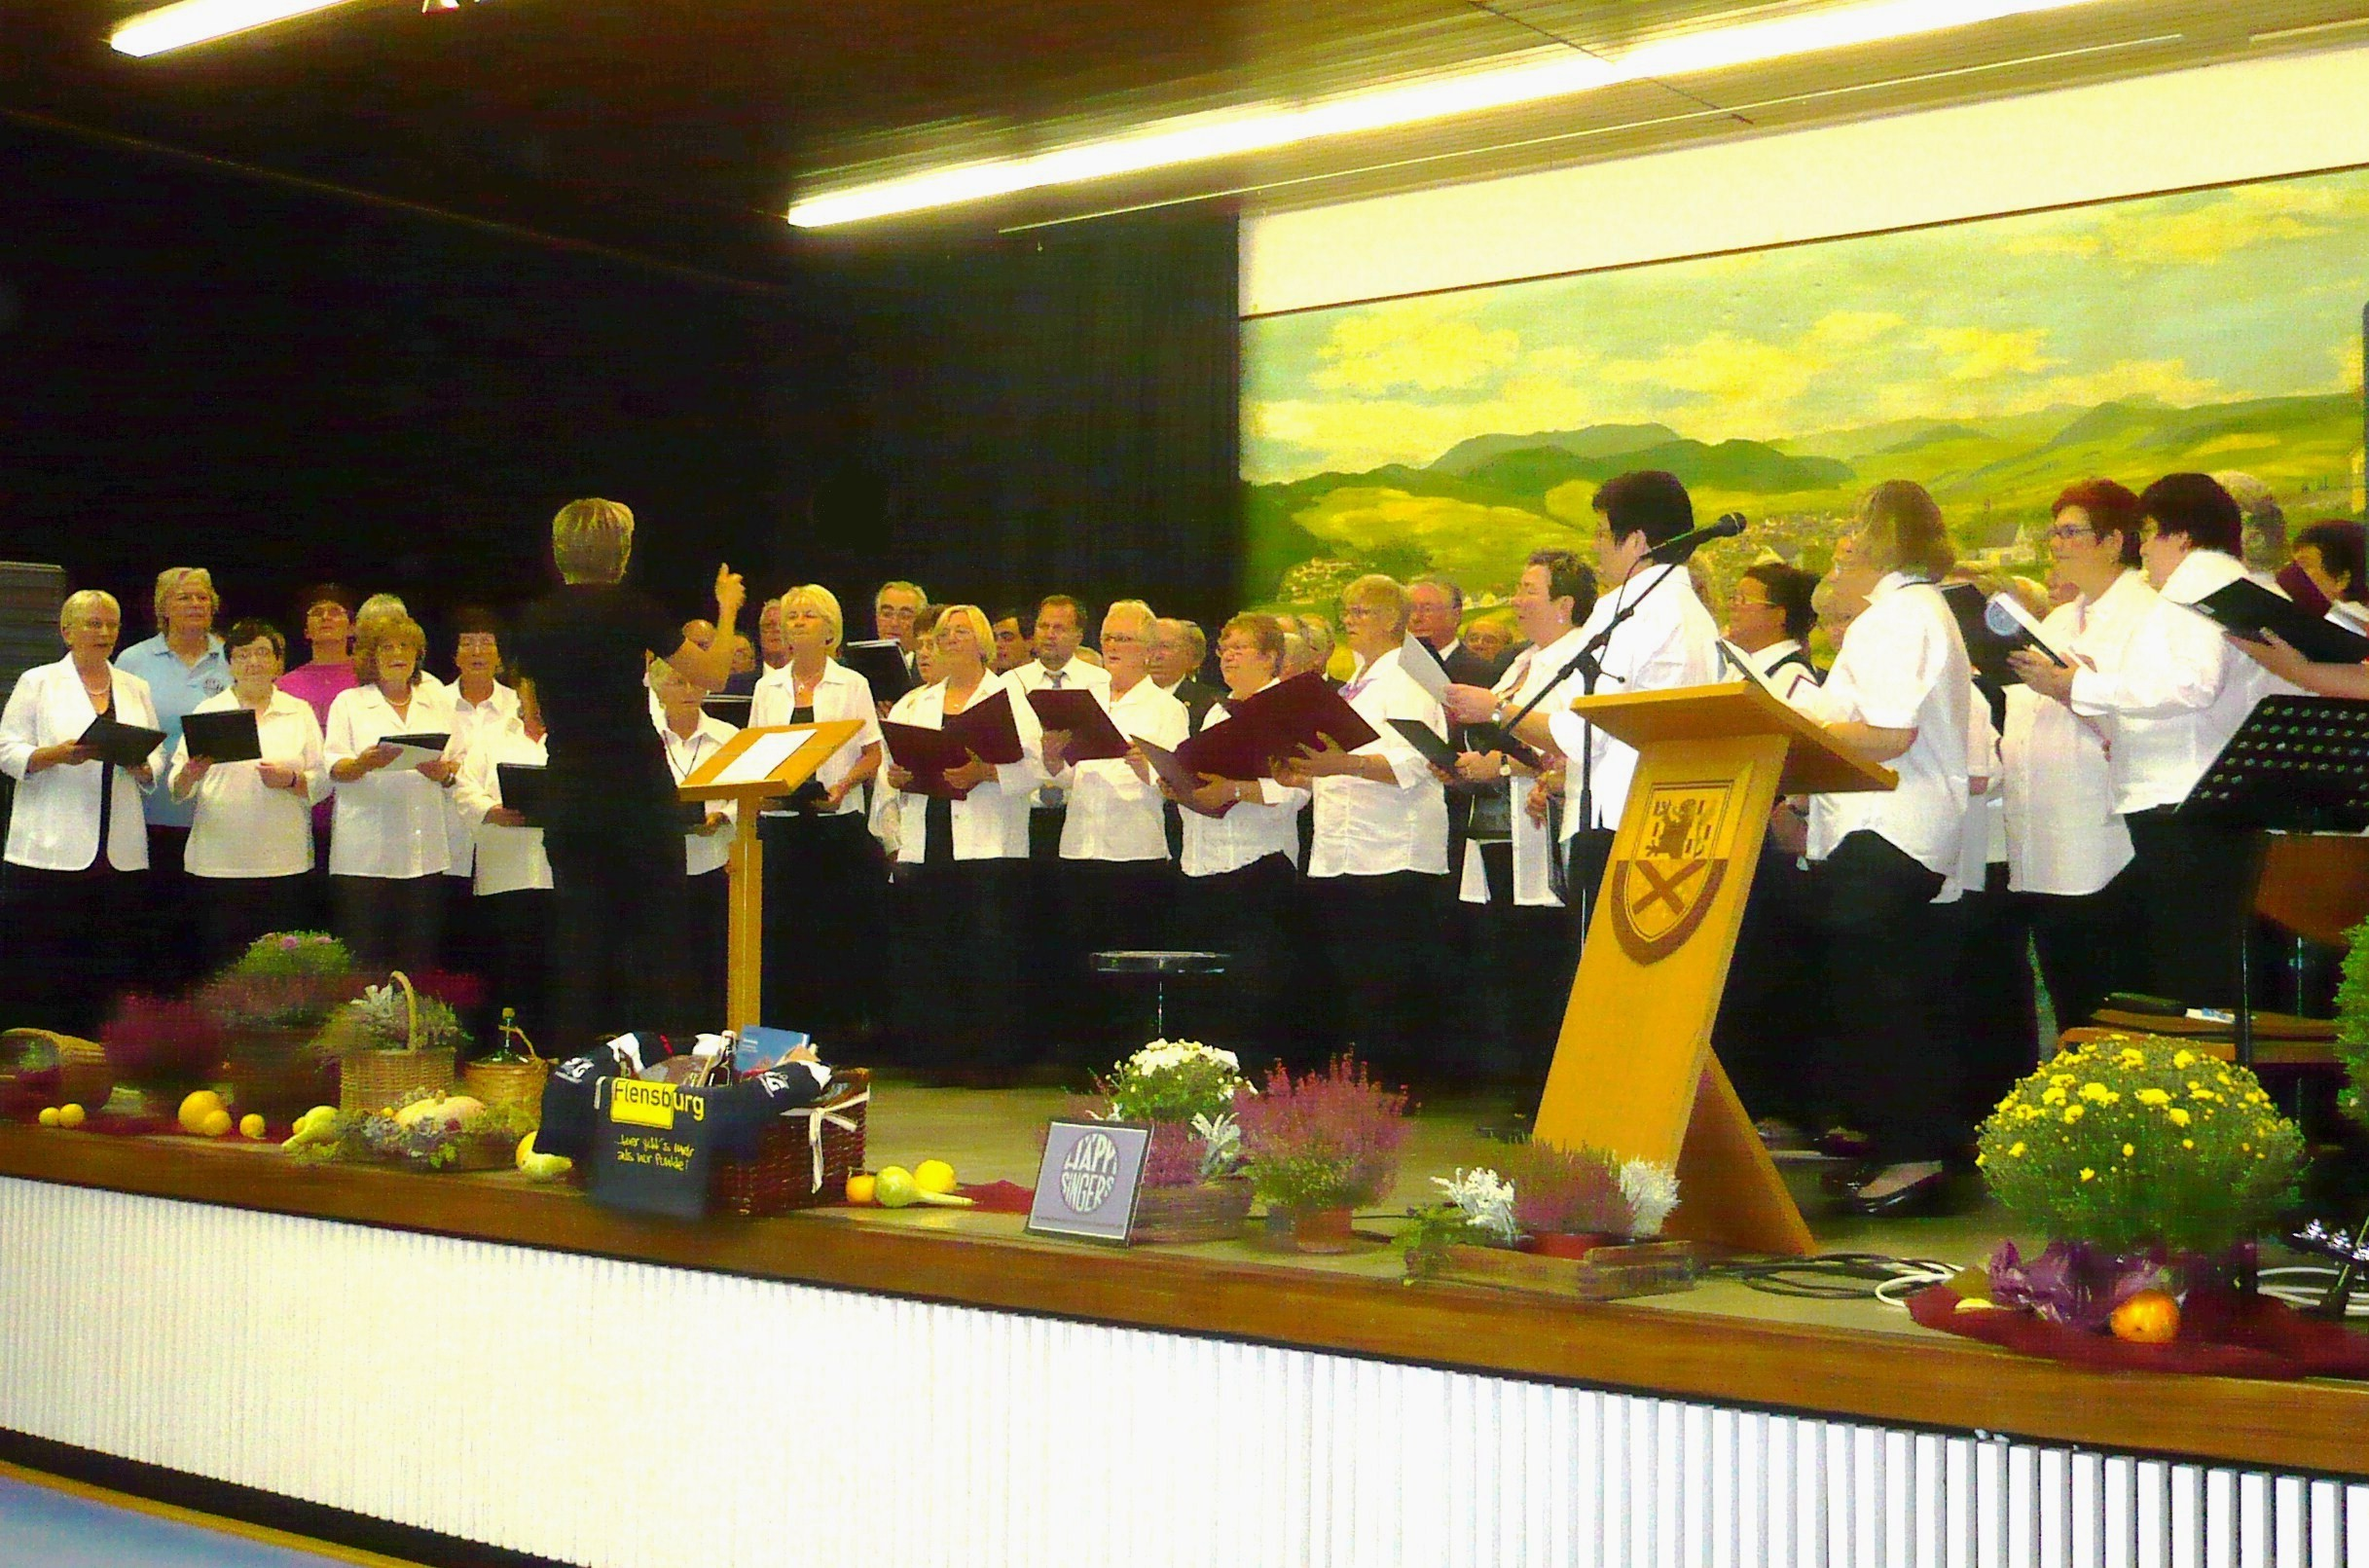 Chortreffen in Hessen 18. -20.9.2009 169